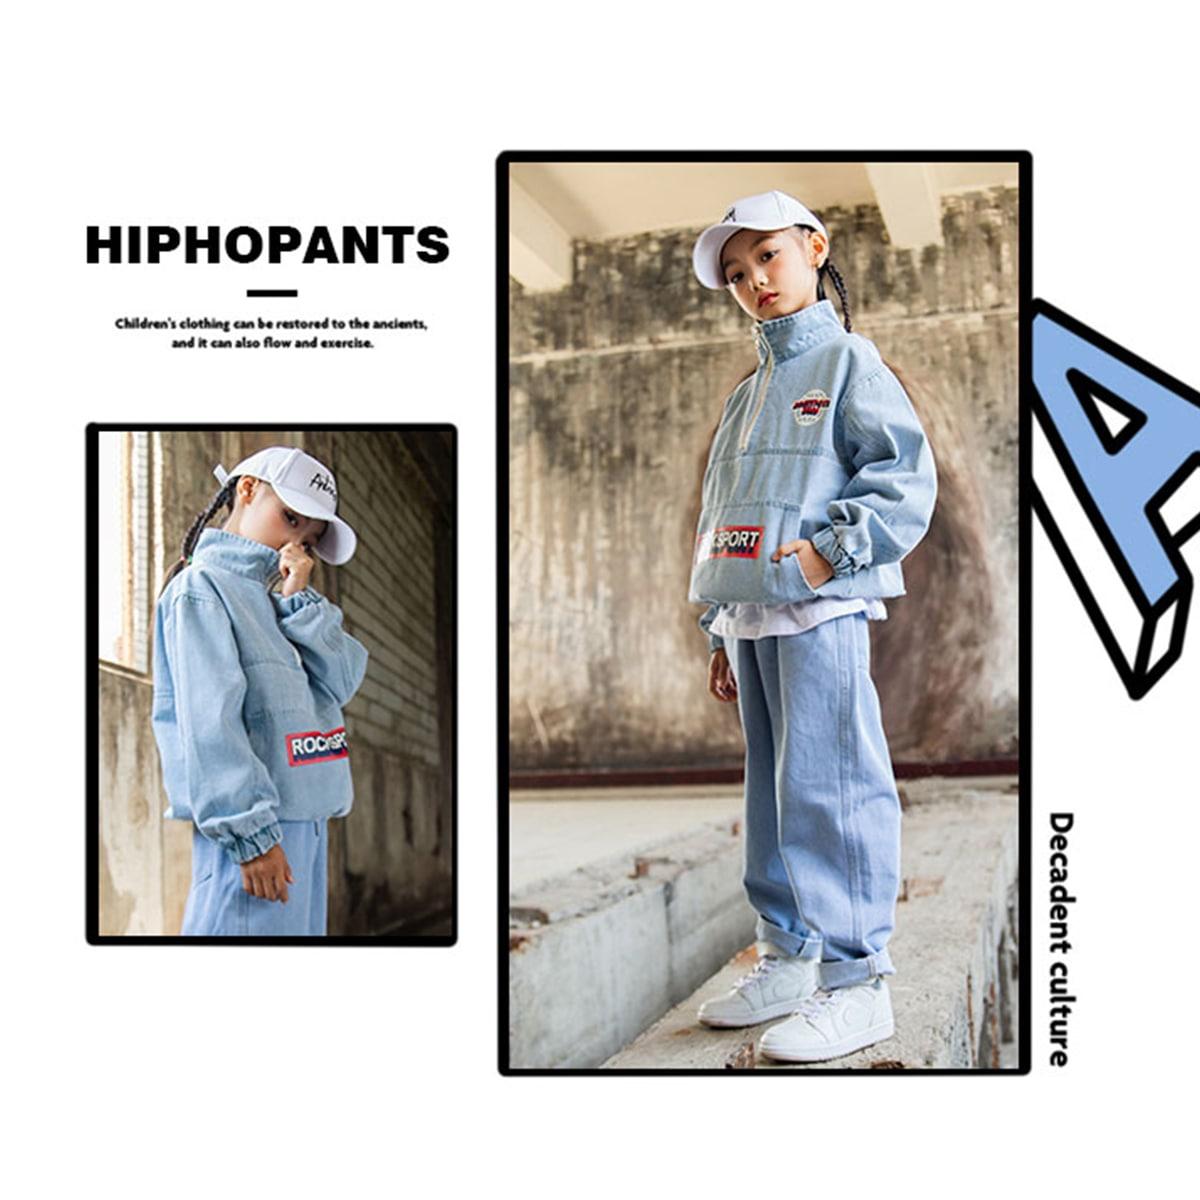 デニム セットアップ 男の子 女の子 ヒップホップ キッズダンス衣装 女の子イメージ